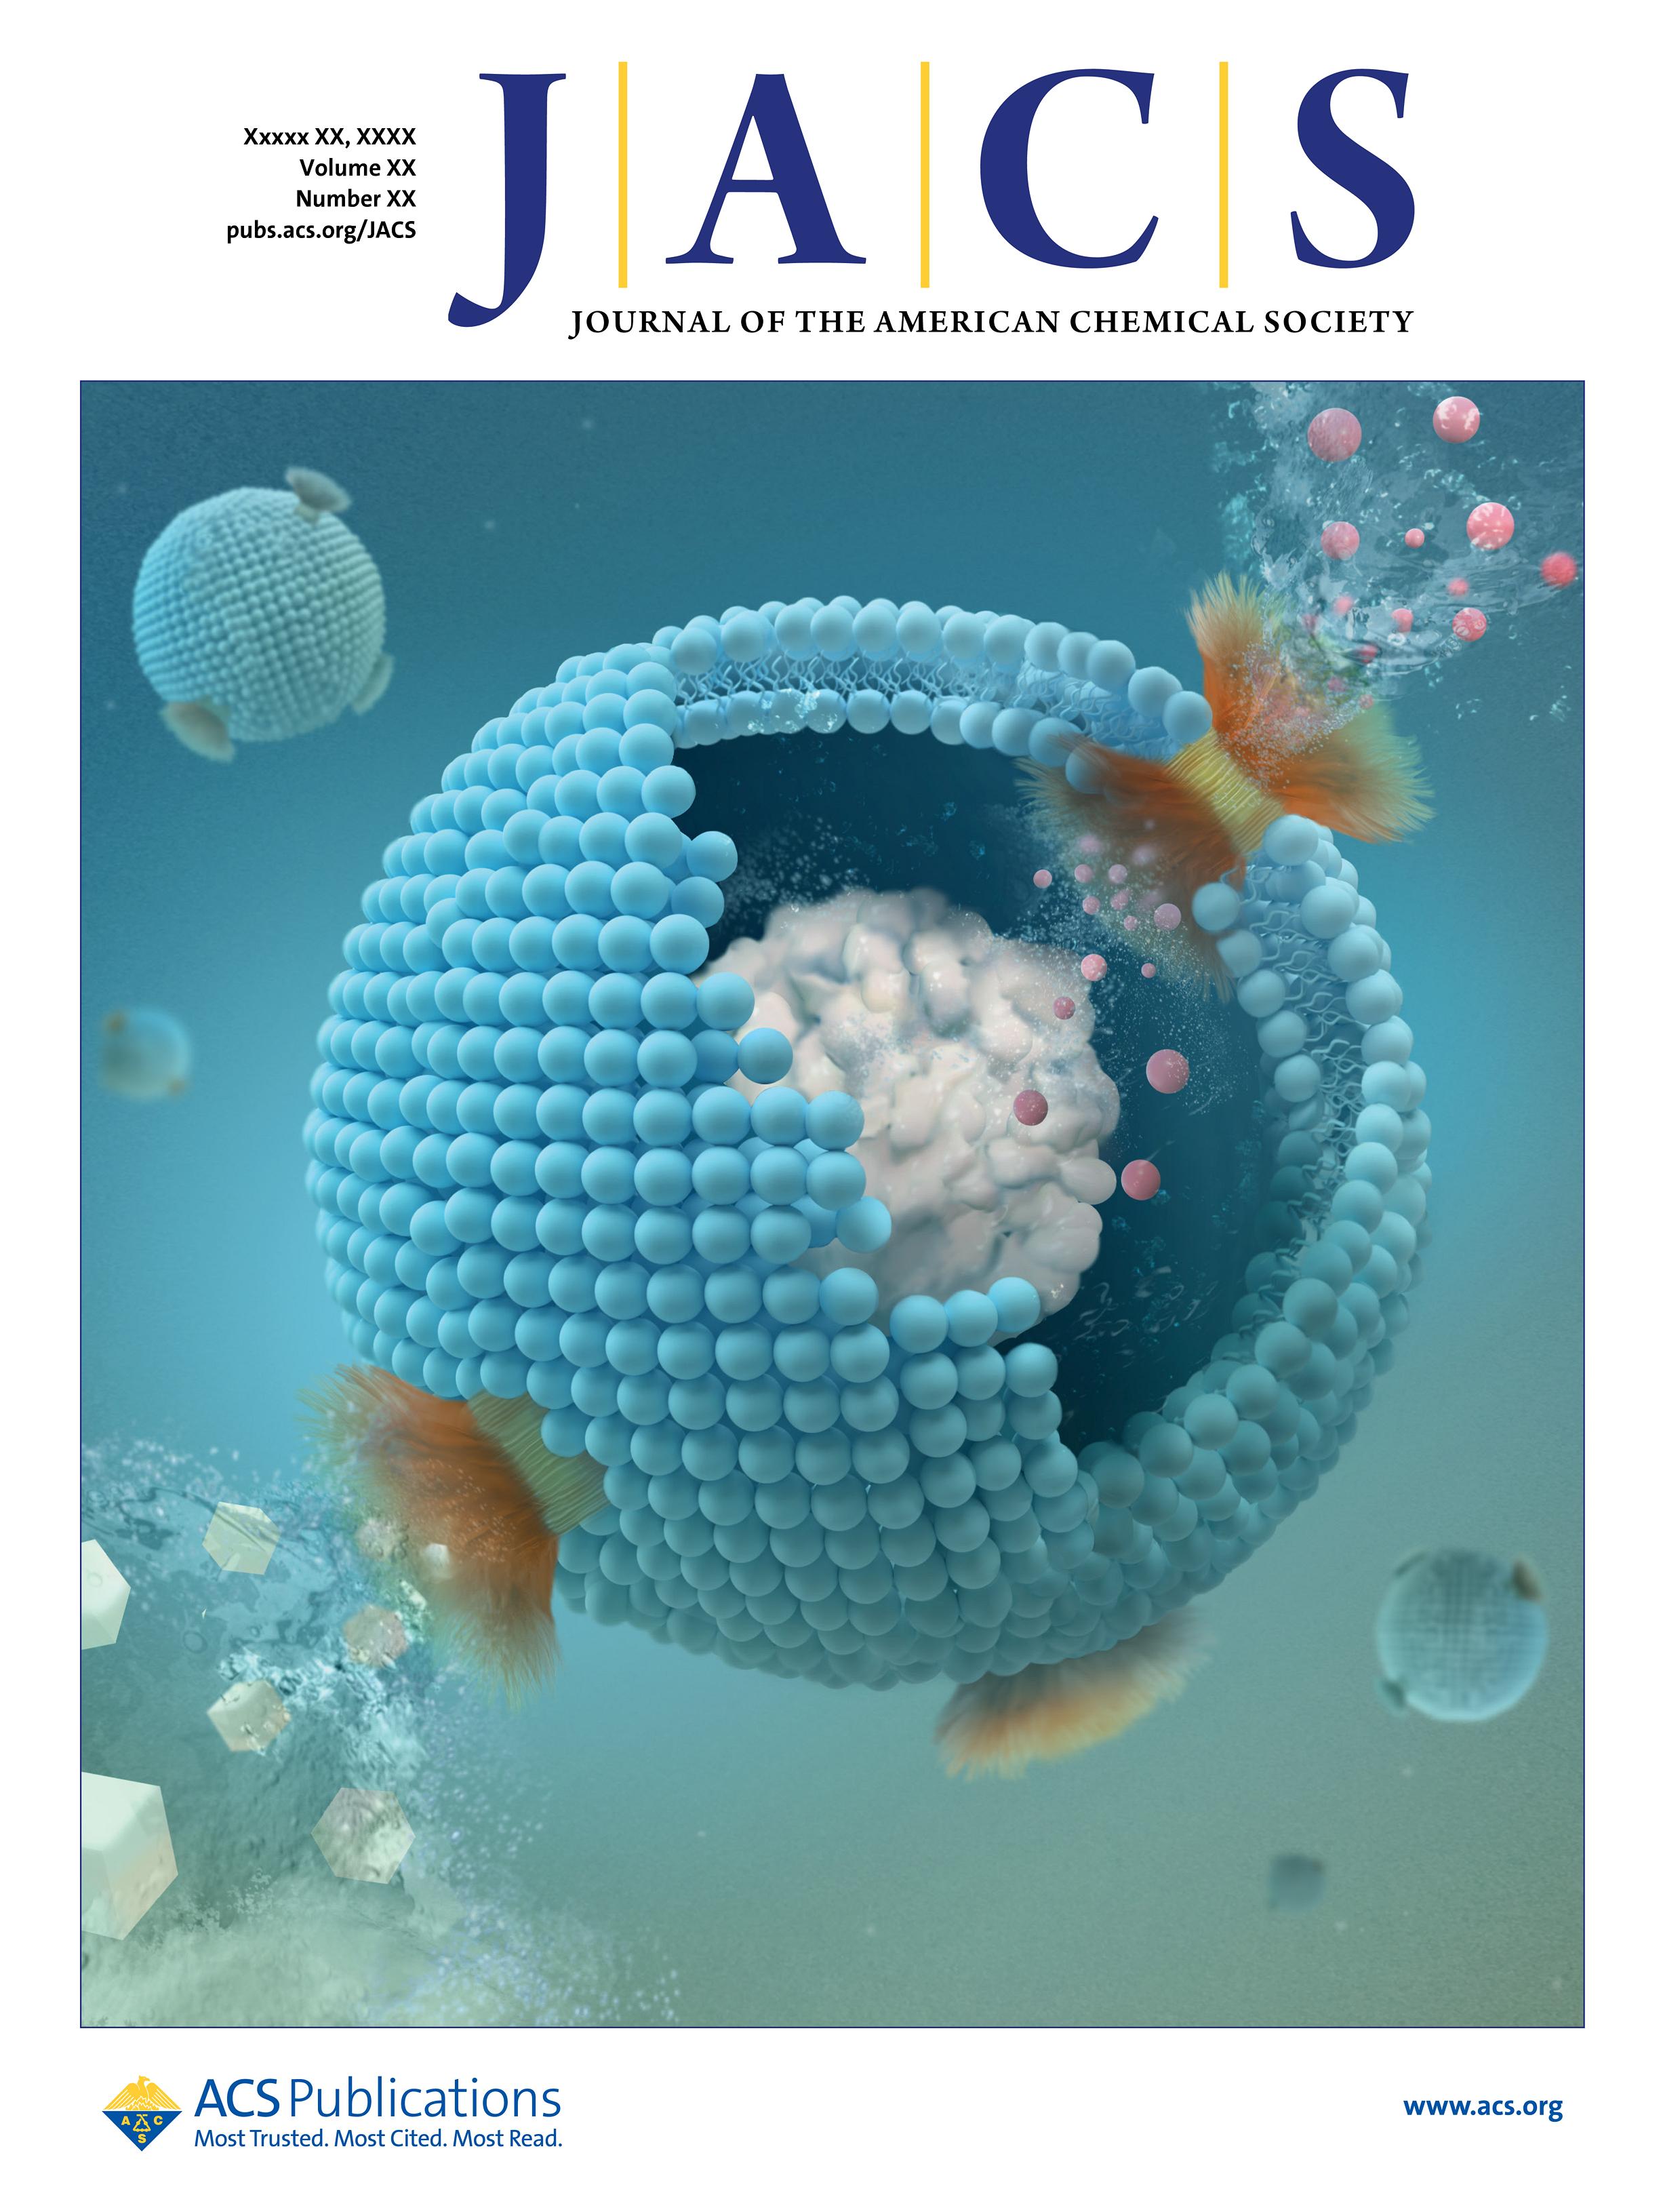 T. Nishimura et al., J. Am. Chem. Soc., 2020